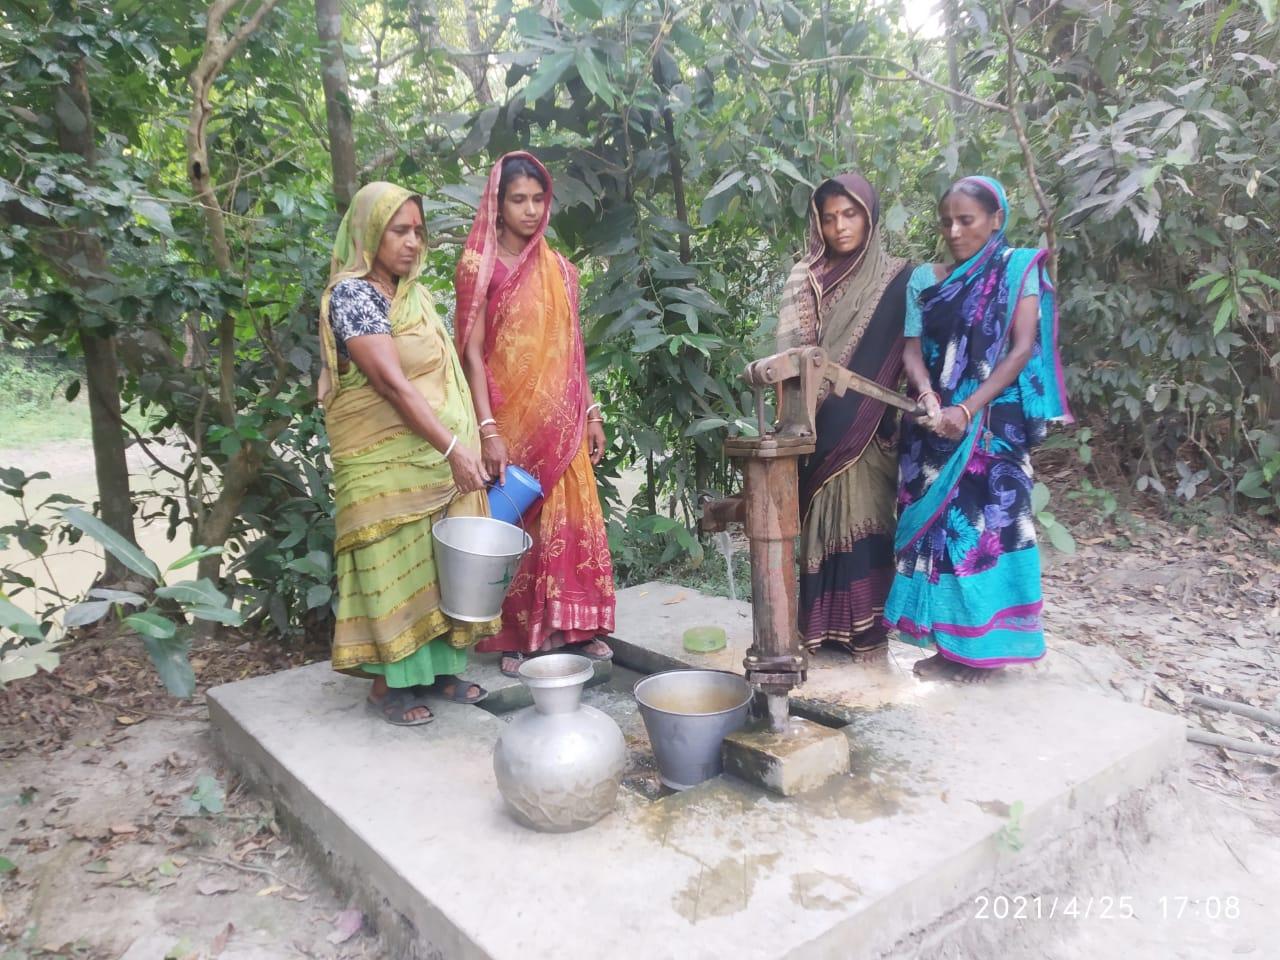 নোয়াখালীর সুবর্ণচরে সুপেয় পানির সংকট চরমে, ভোগান্তিতে বাসিন্দারা